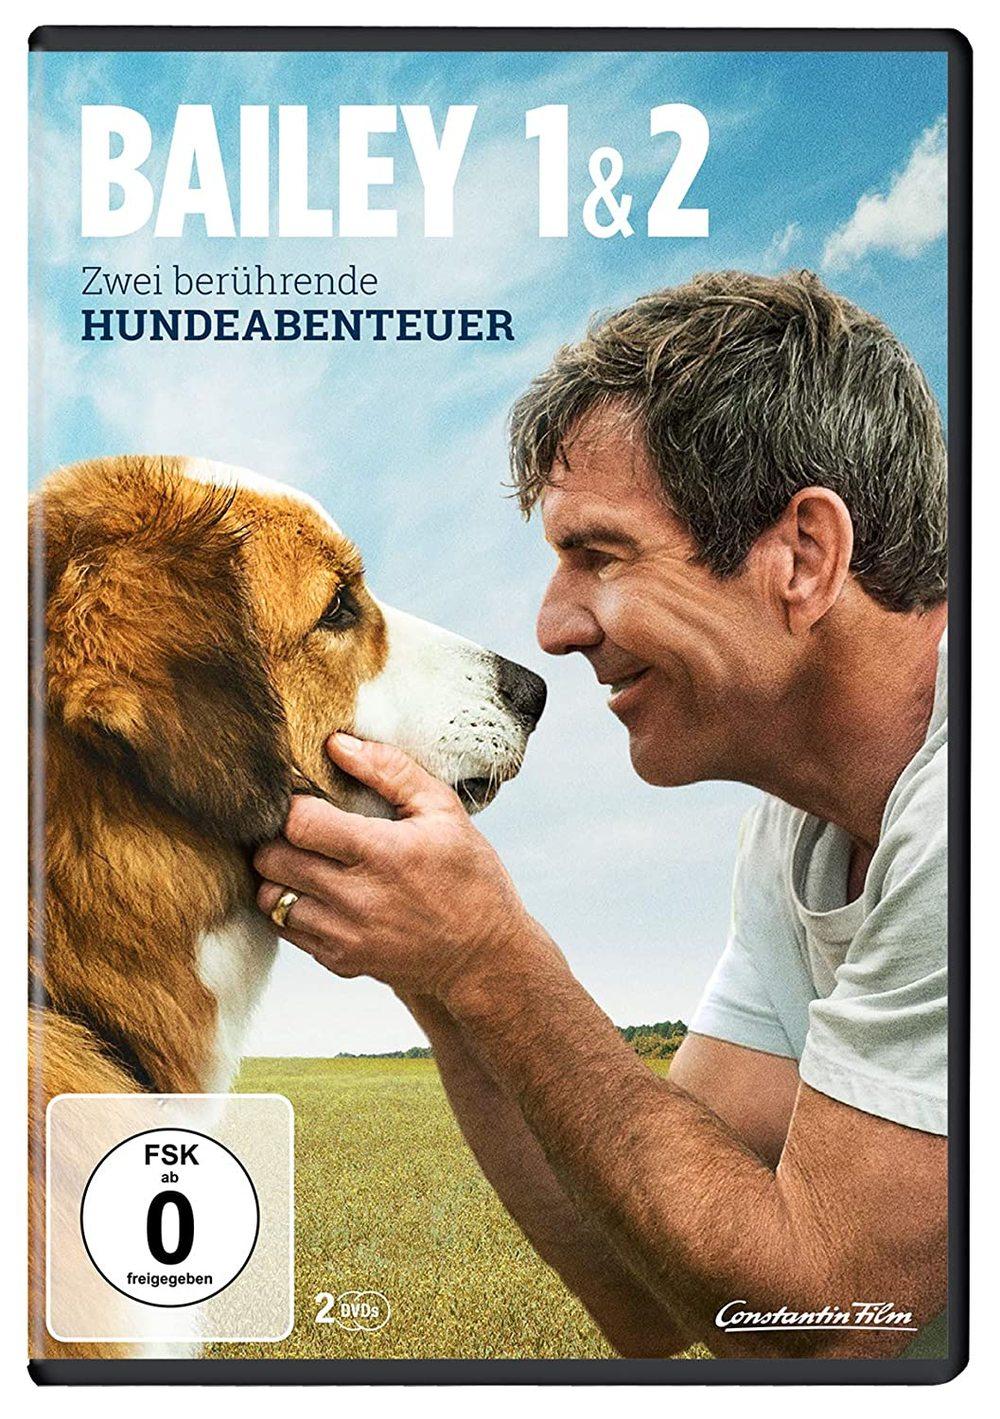 """Hunde-Abenteuer: Wir verlosen """"Bailey - Ein Freund fürs Leben"""" und """"Bailey - Ein Hund kehrt zurück"""" auf DVD"""